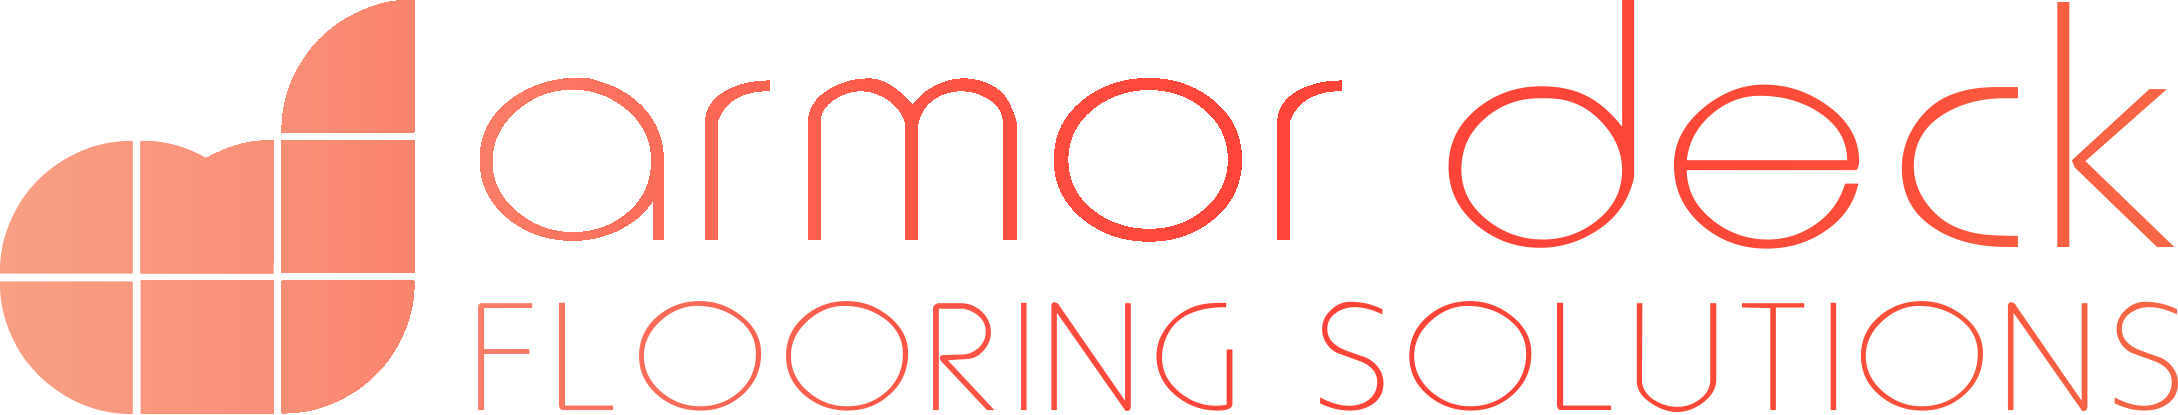 ARMOR DECK - Logo monocromo gradiente rojo - tarimas